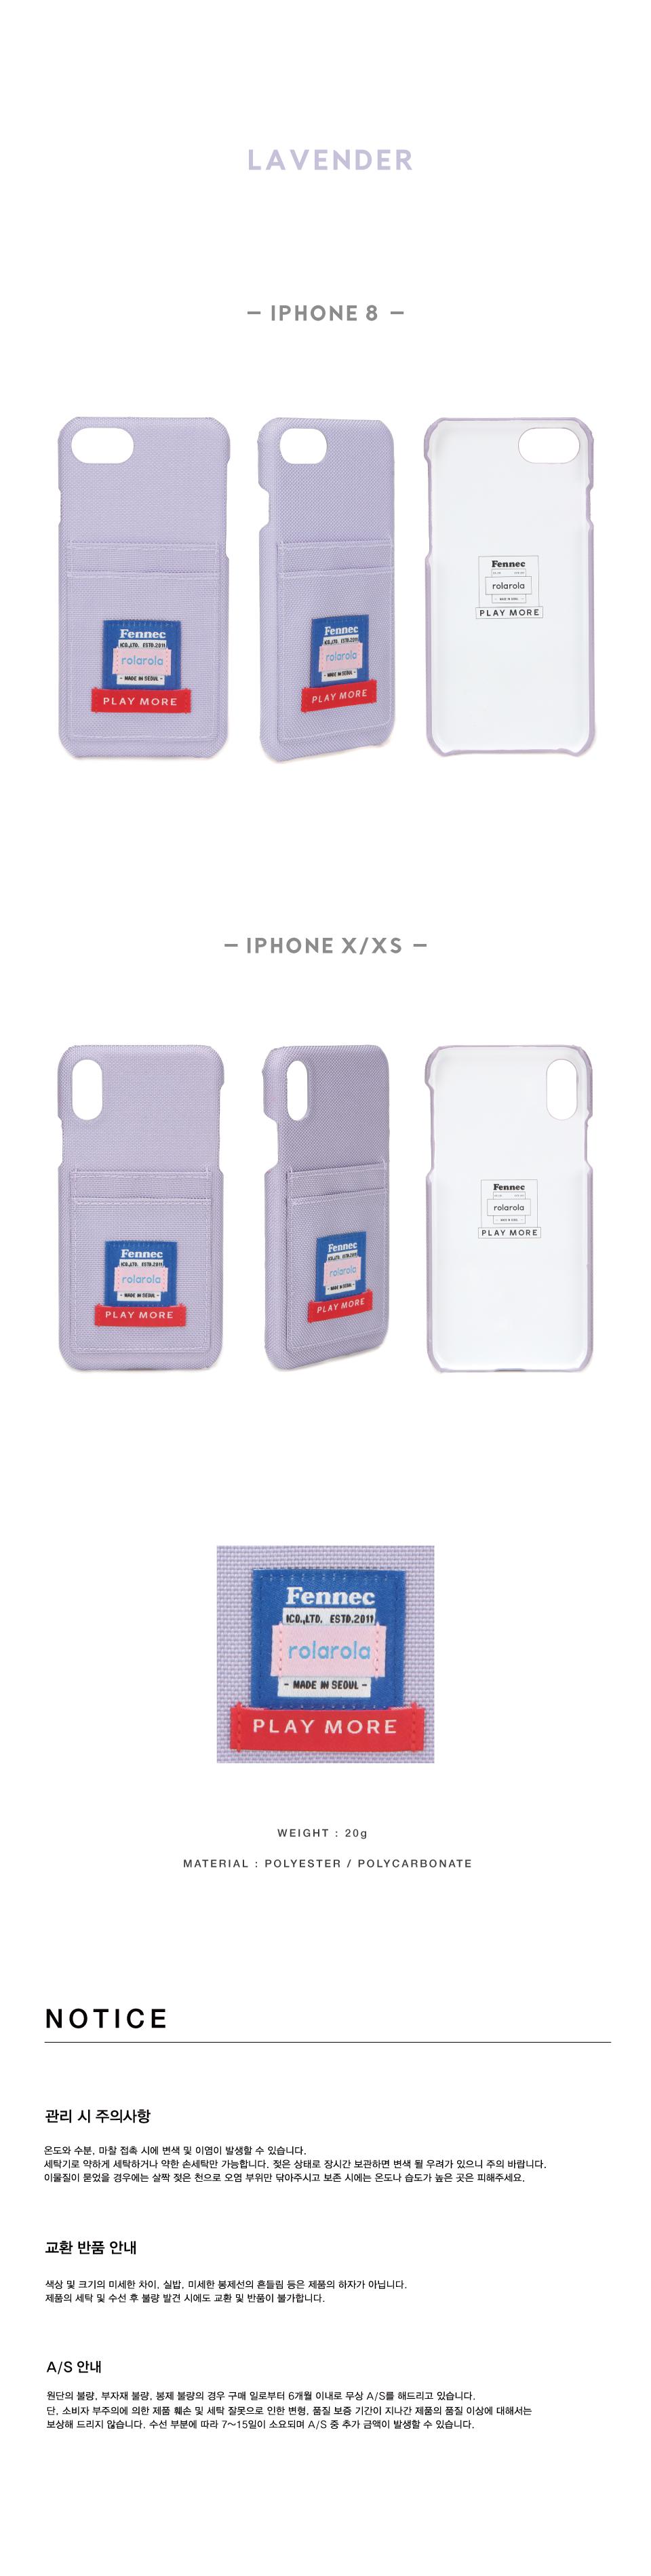 로라로라(ROLAROLA) (PC-19344) ROLAROLA X FENNEC CARD PHONE CASE LAVENDER